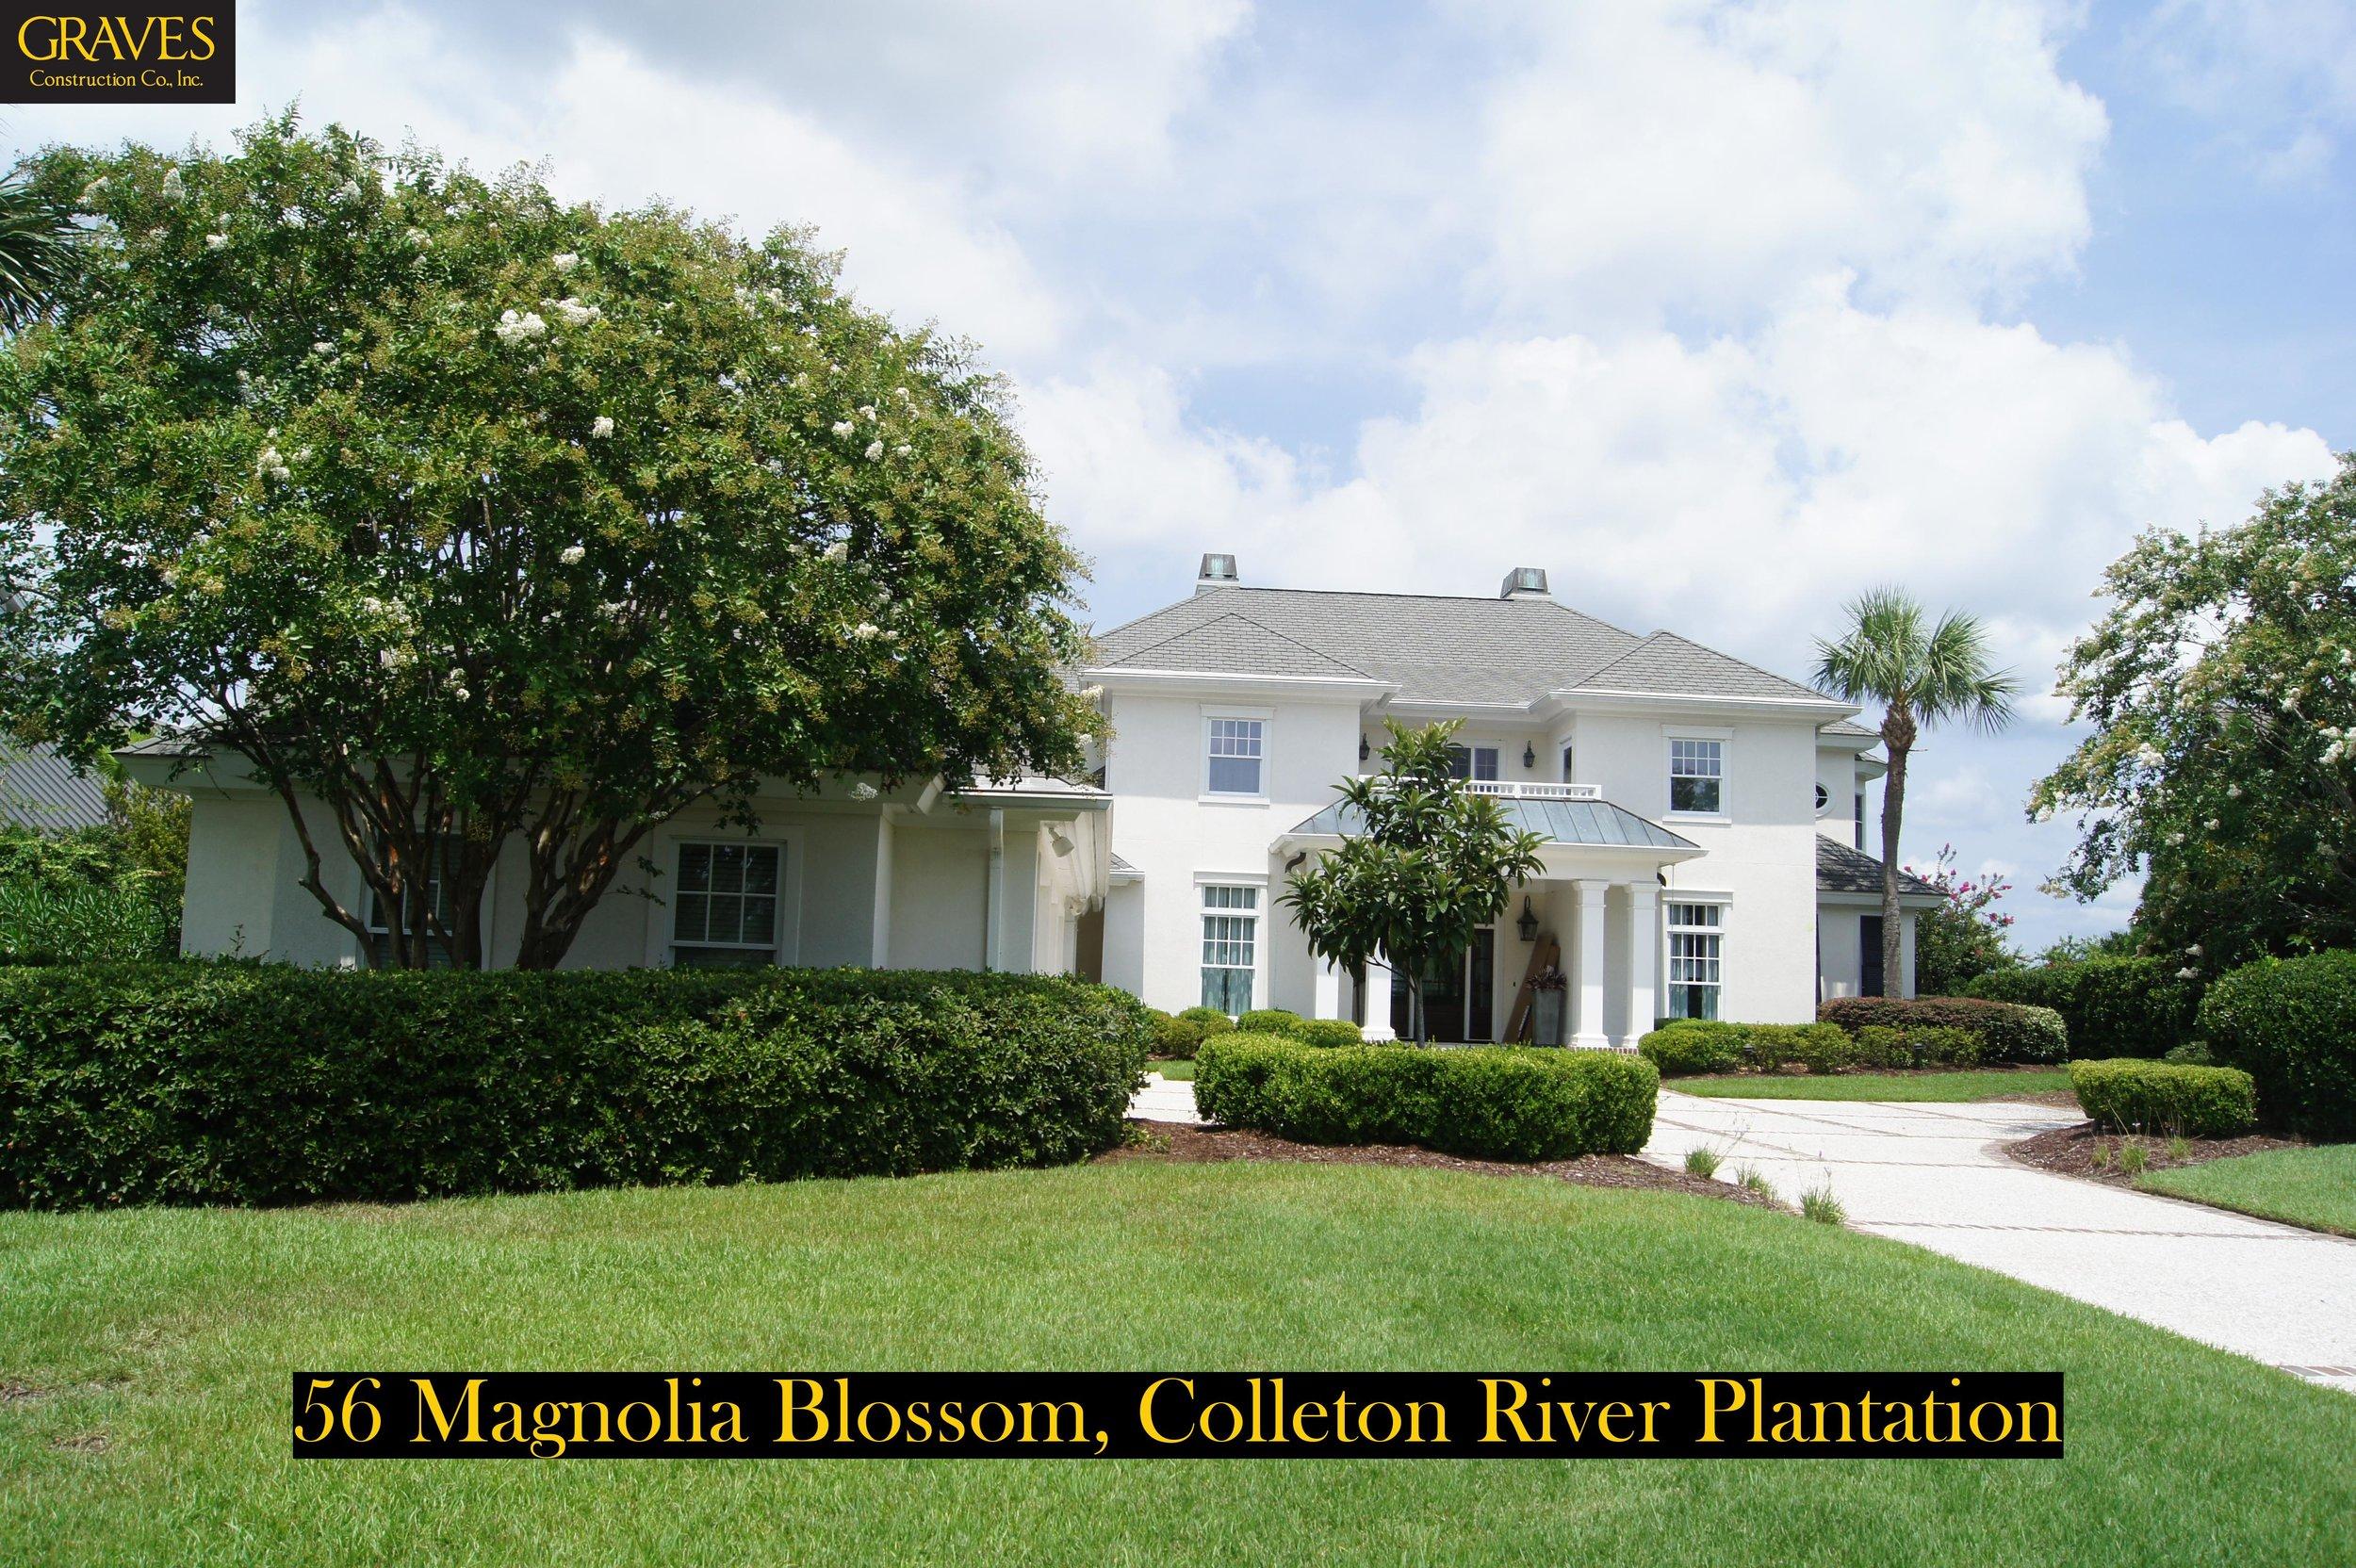 56 Magnolia Blossom - 4